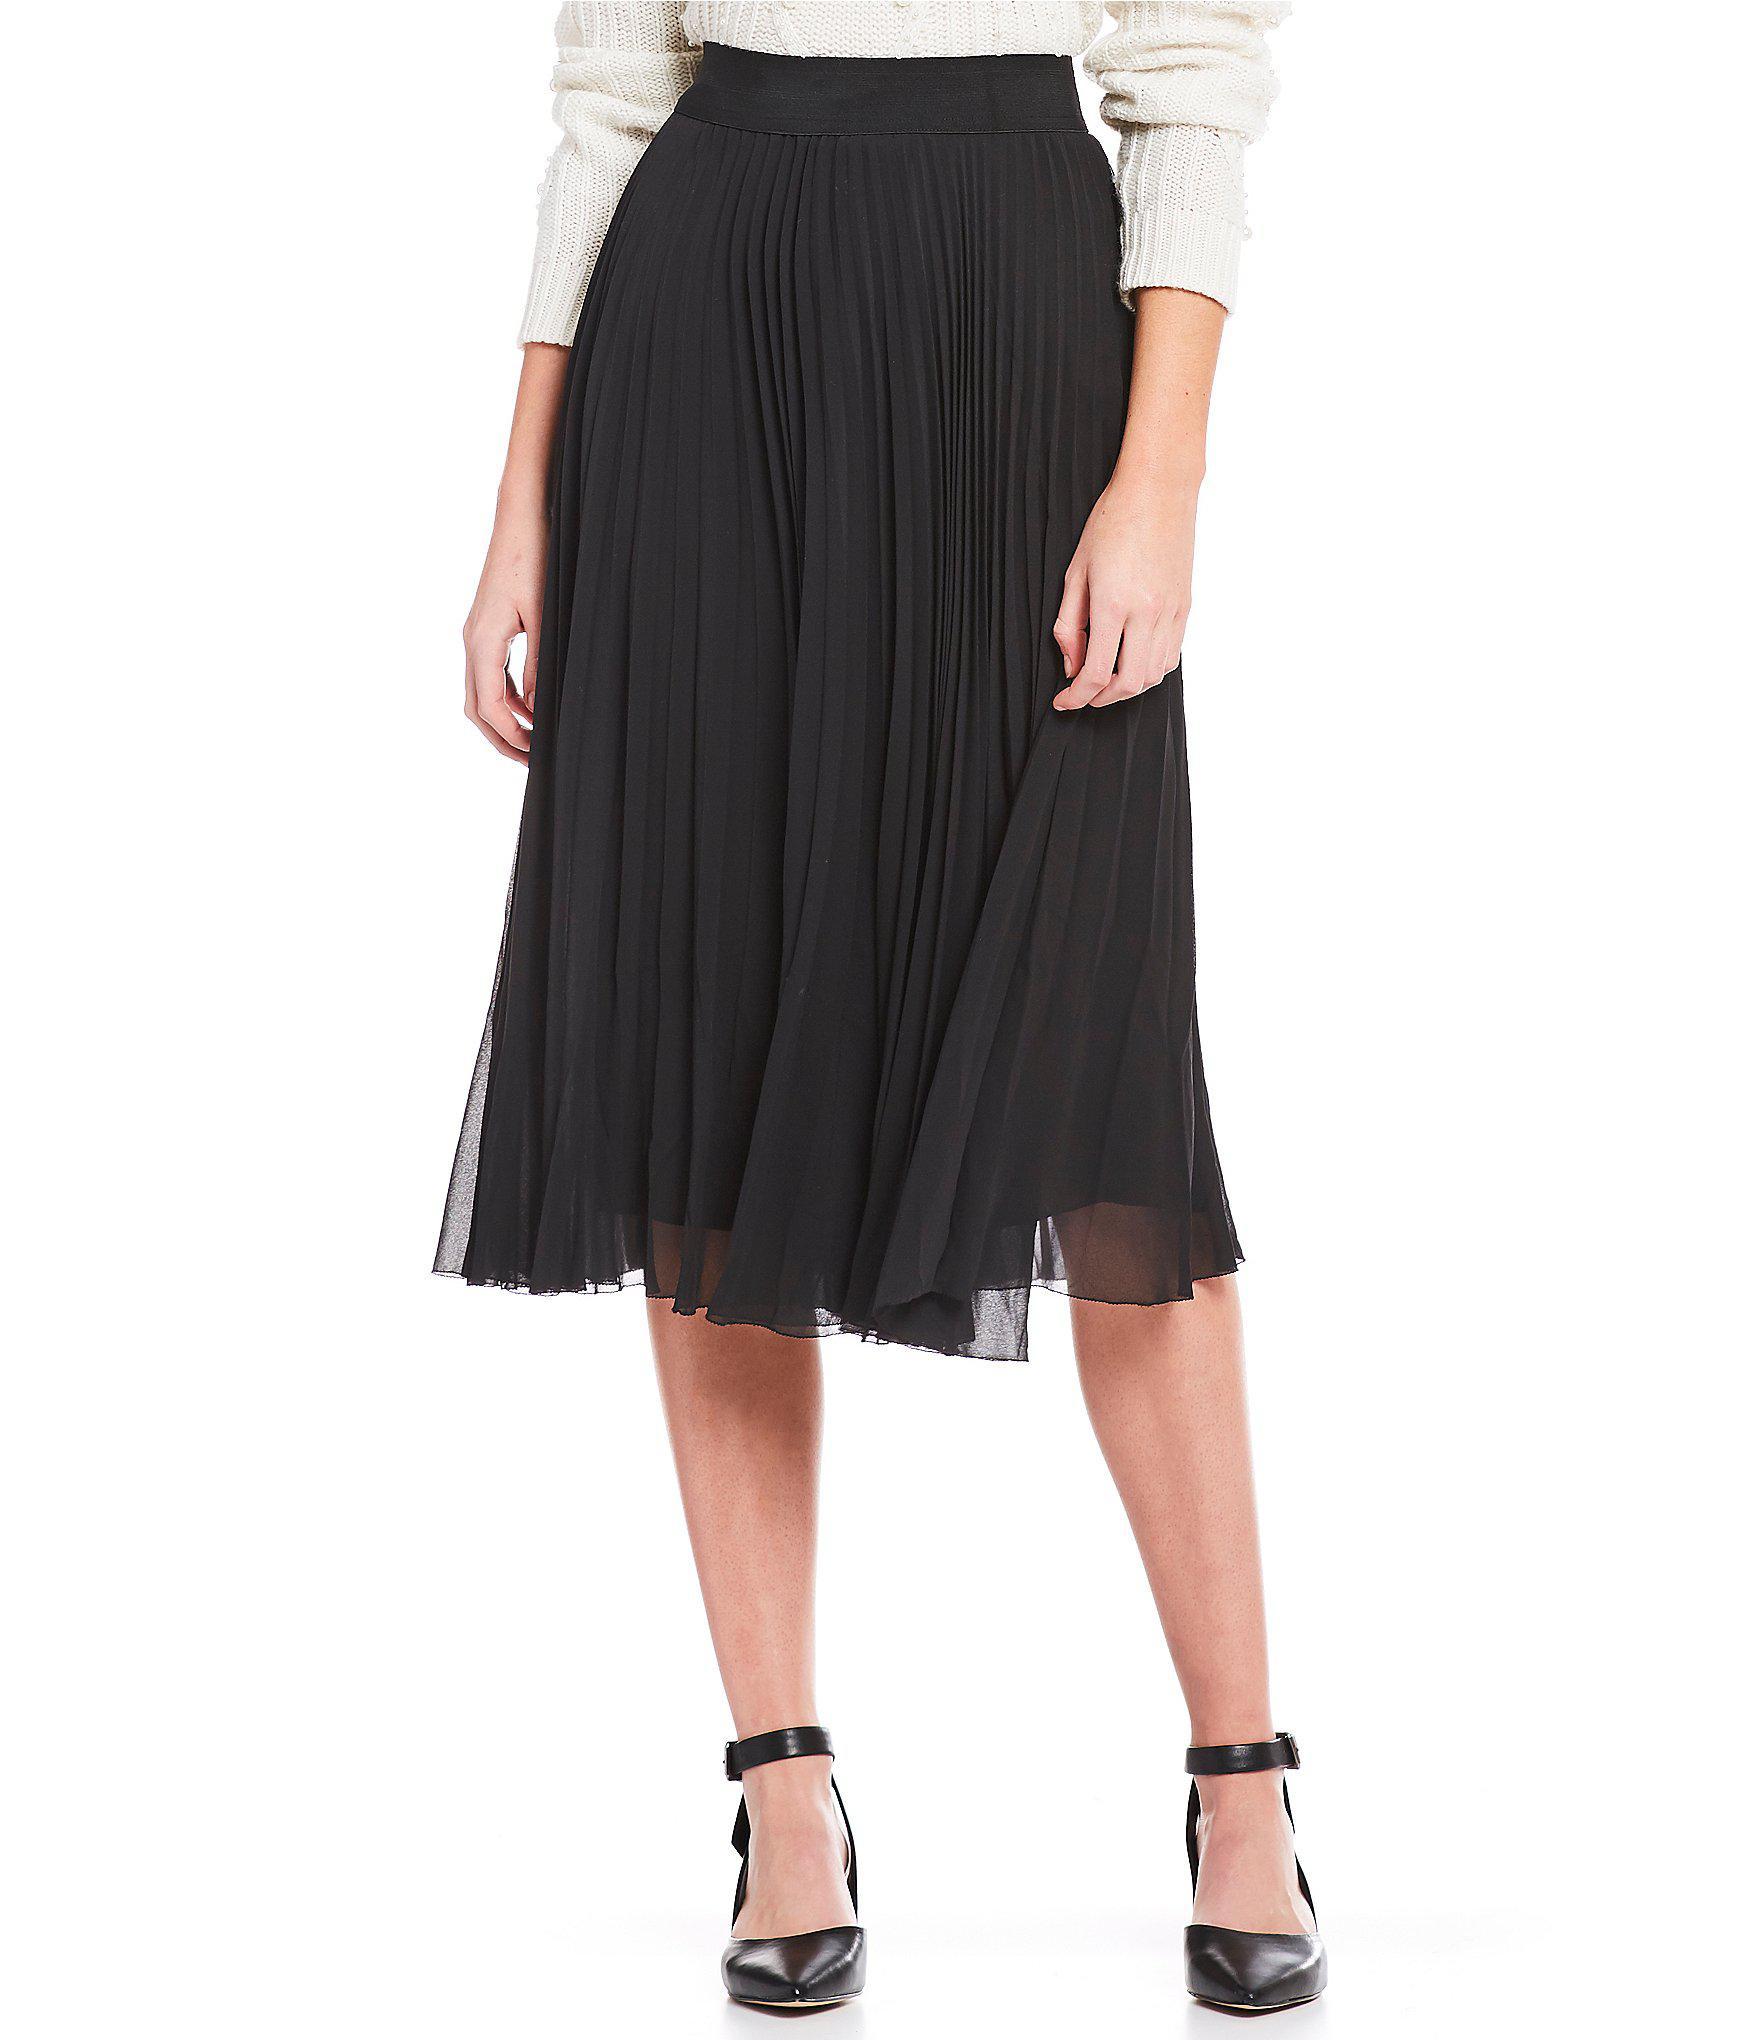 57d0fc54b4 Gianni Bini Anna Pleated Midi Skirt in Black - Lyst